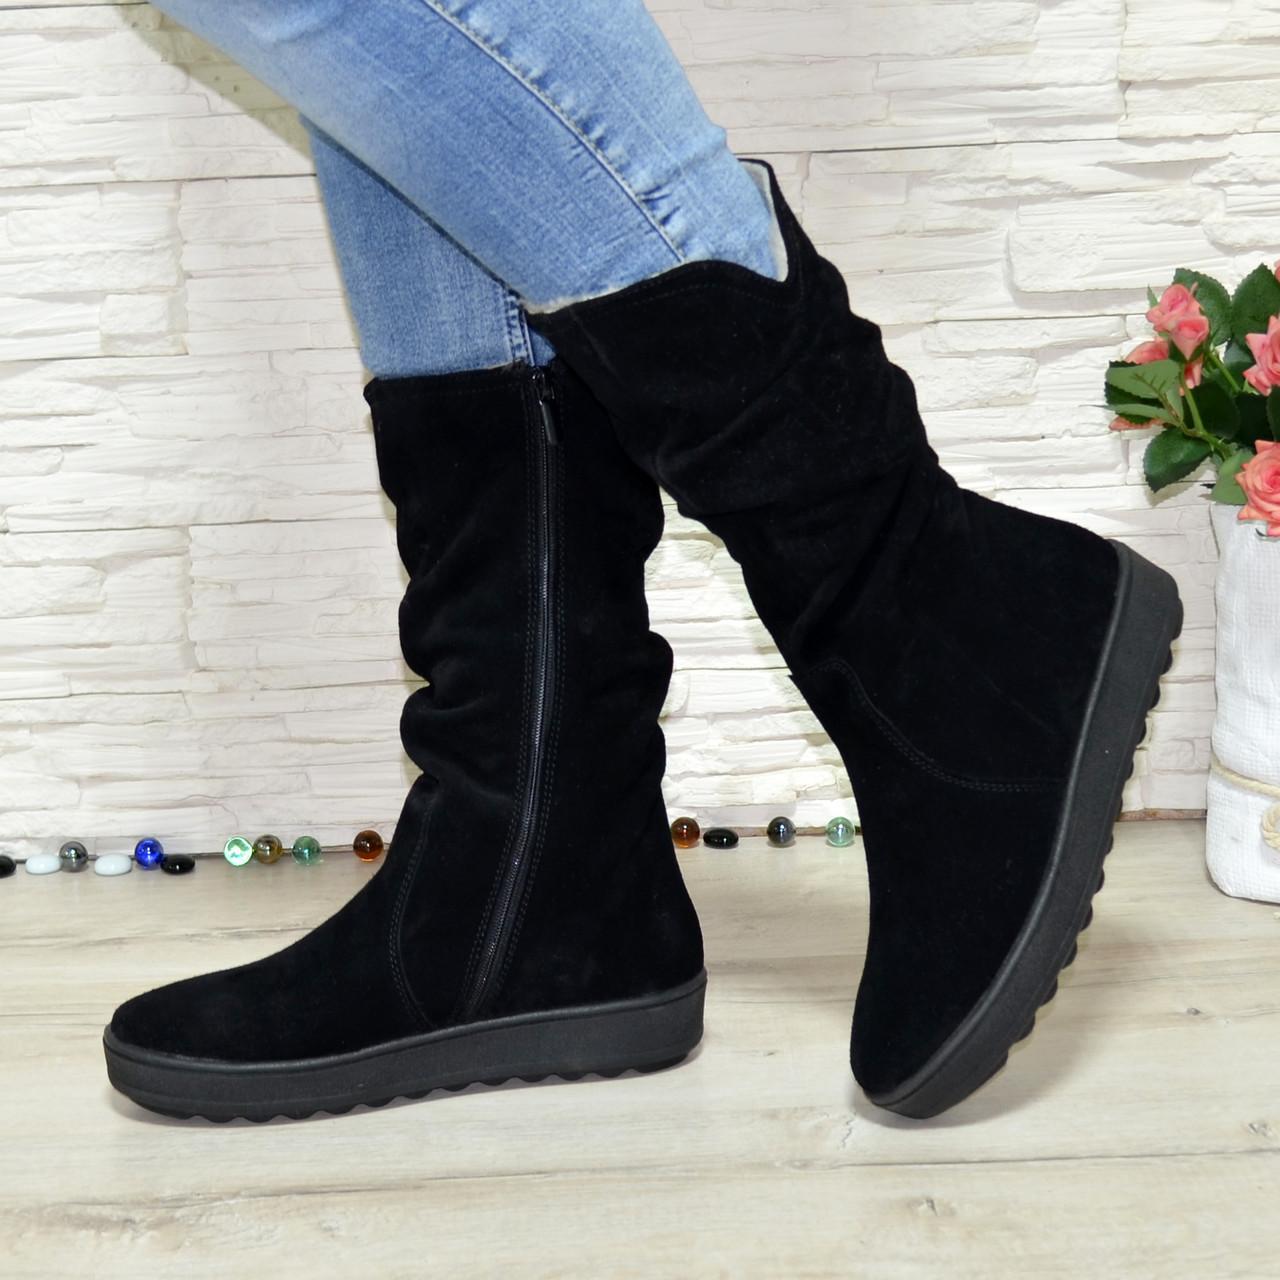 Ботинки замшевые на утолщенной подошве, цвет черный